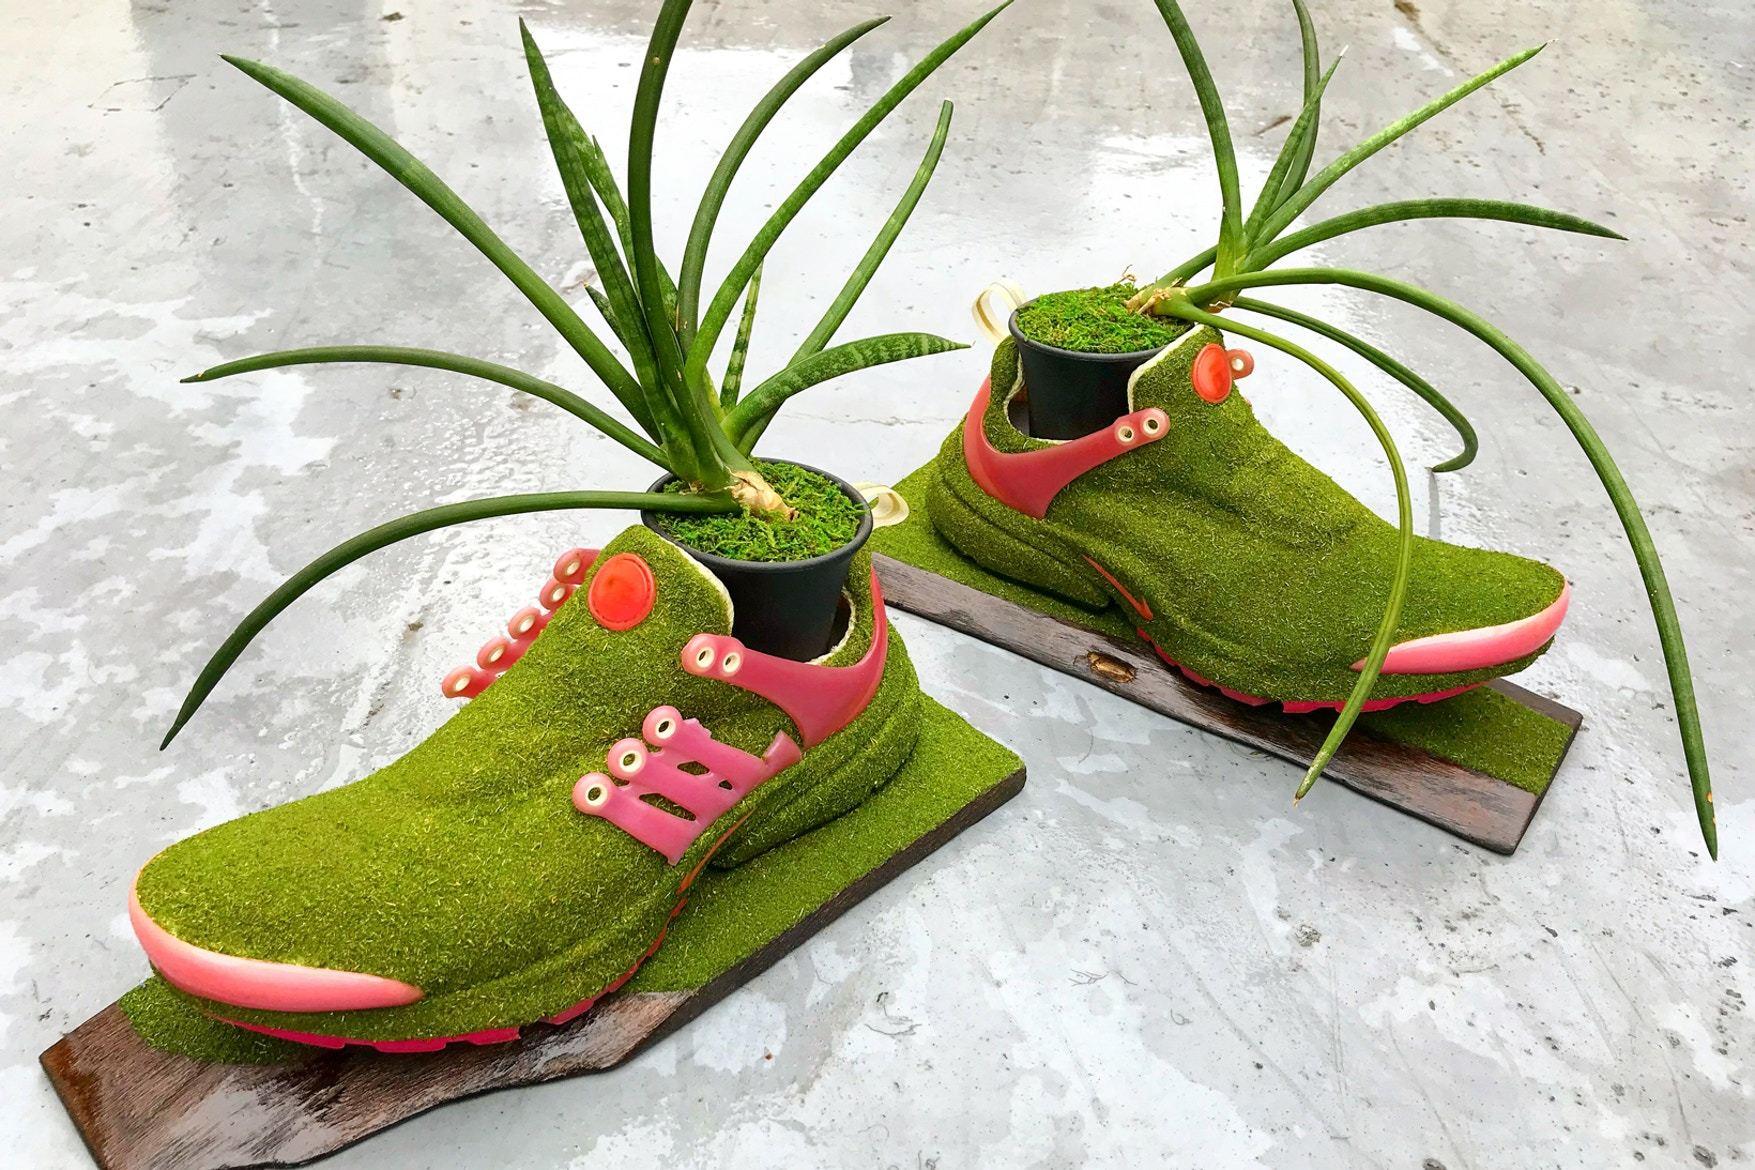 Artist Shoetree Nike Sneakers Sculptural Houseplants 9